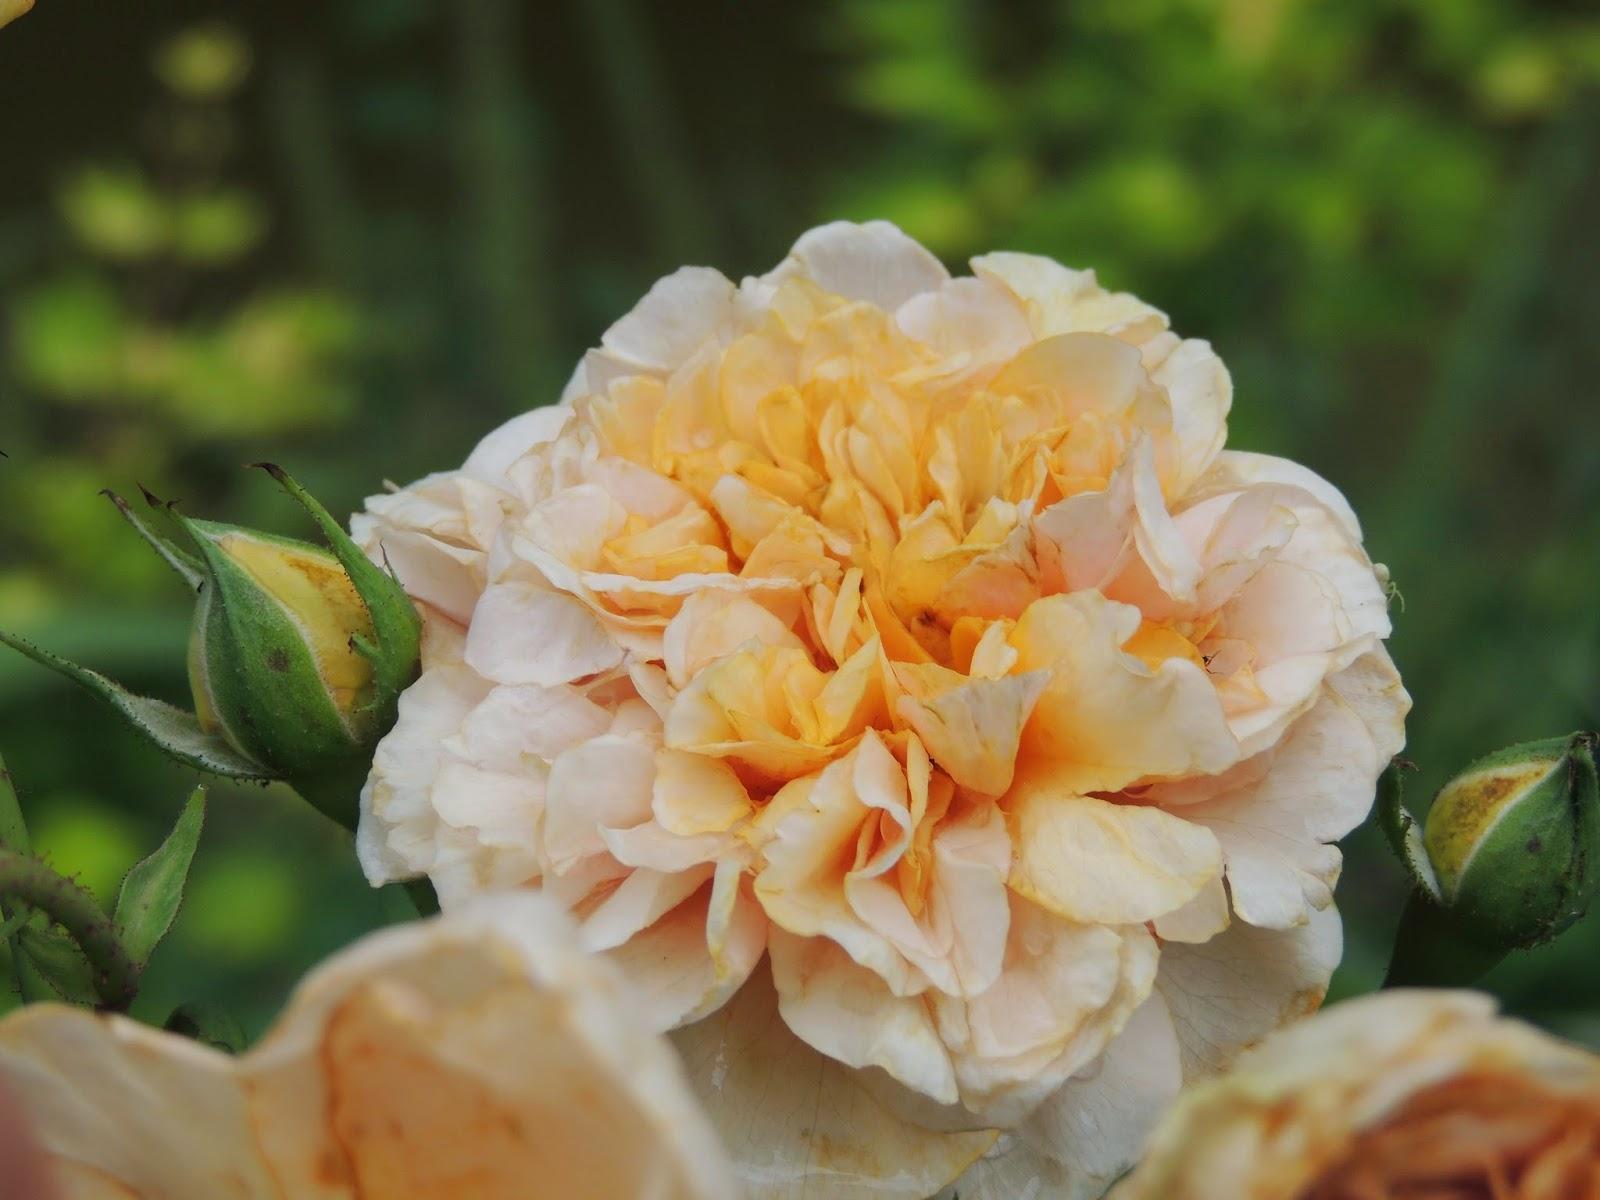 Mary Rose me fascine par sa grande délicatesse et par le négligé étudié de ses jupons se superposant harmonieusement . dommage que cette princesse se